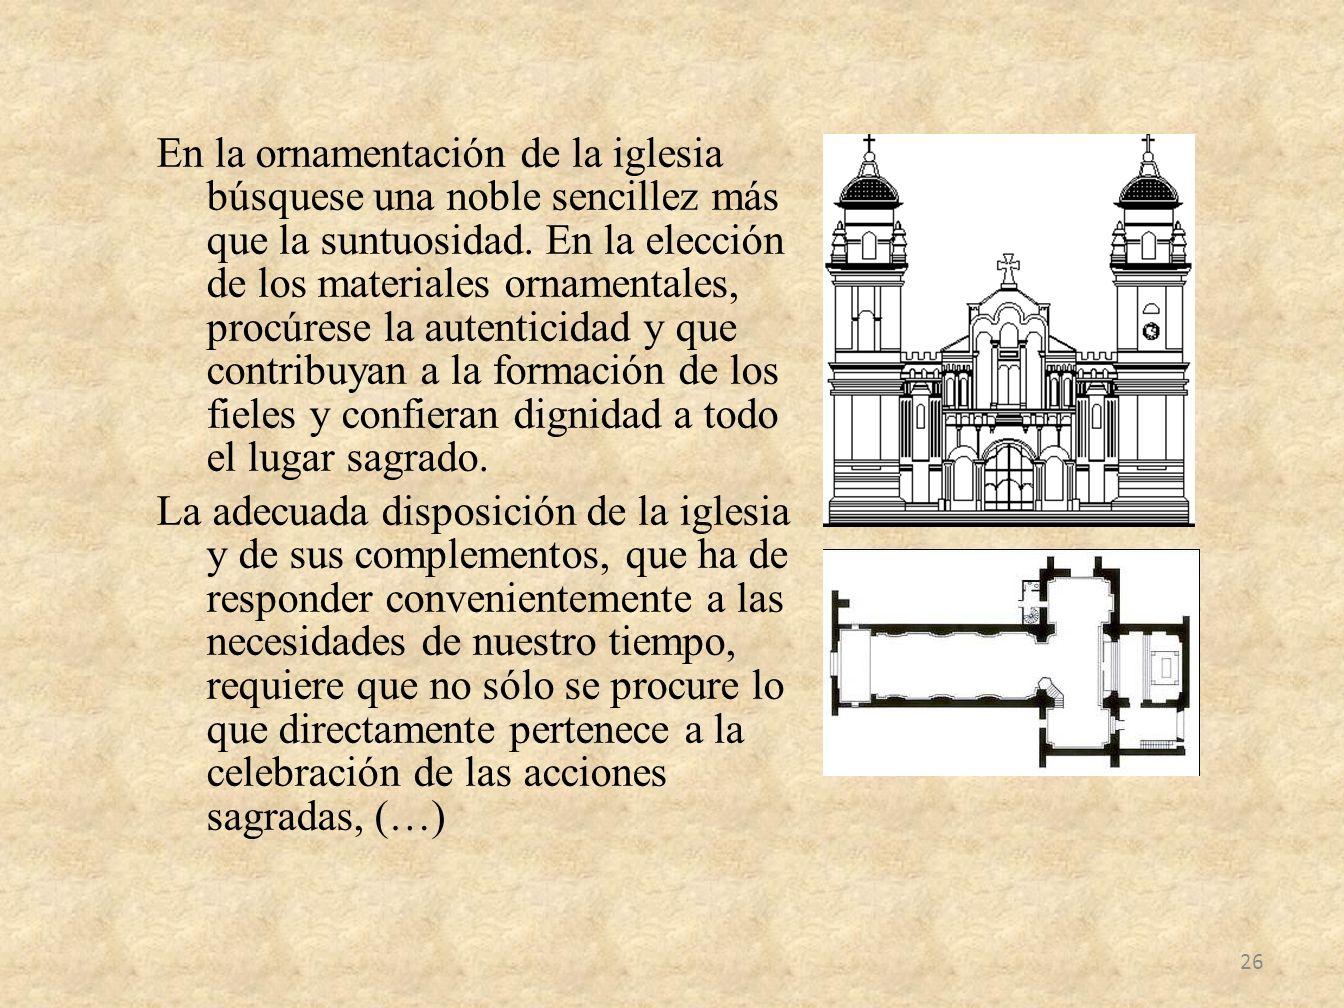 En la ornamentación de la iglesia búsquese una noble sencillez más que la suntuosidad. En la elección de los materiales ornamentales, procúrese la aut